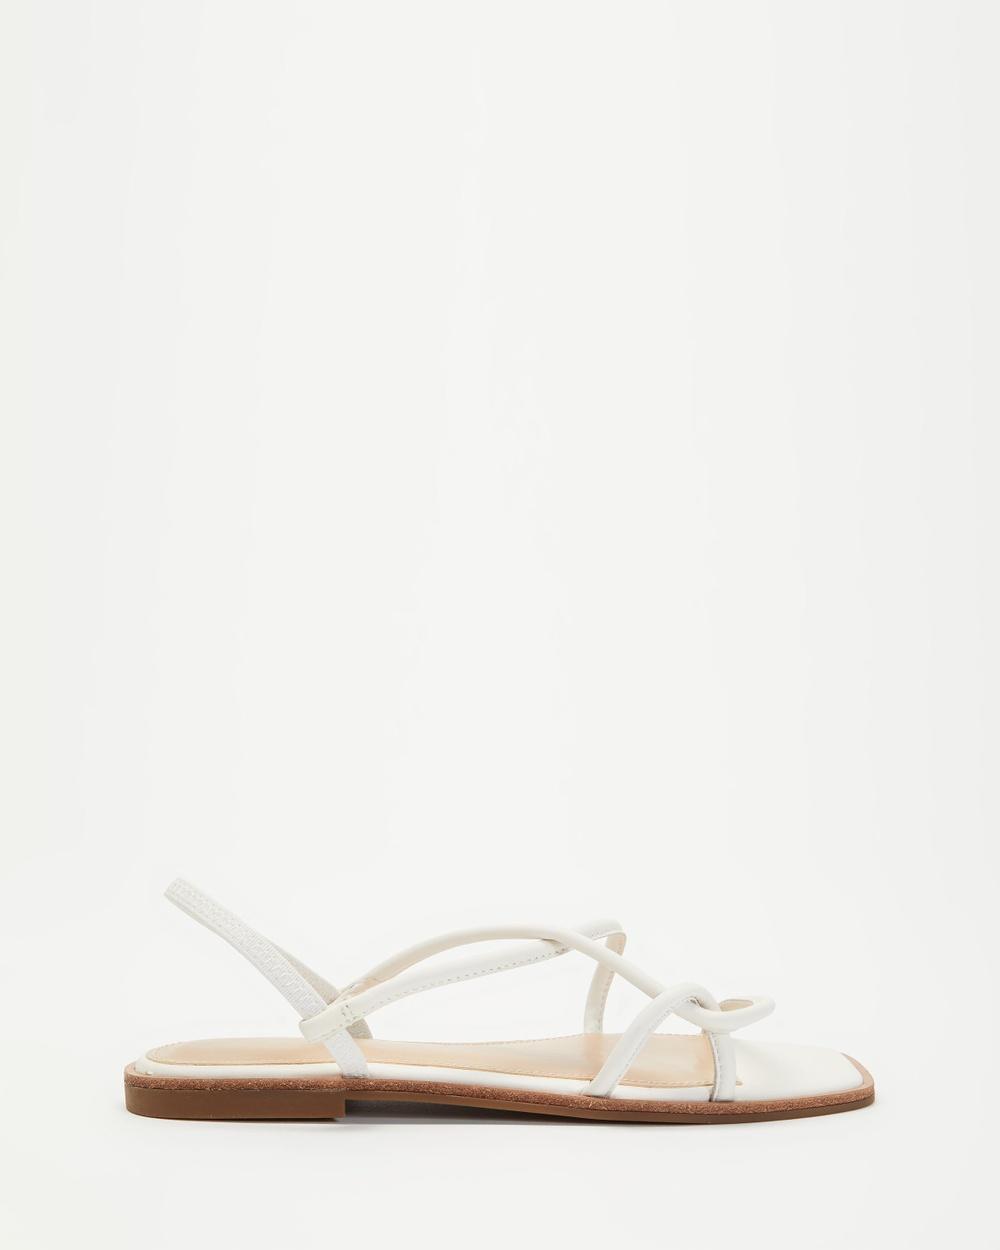 ALDO Toosieflex Strappy Sandals White